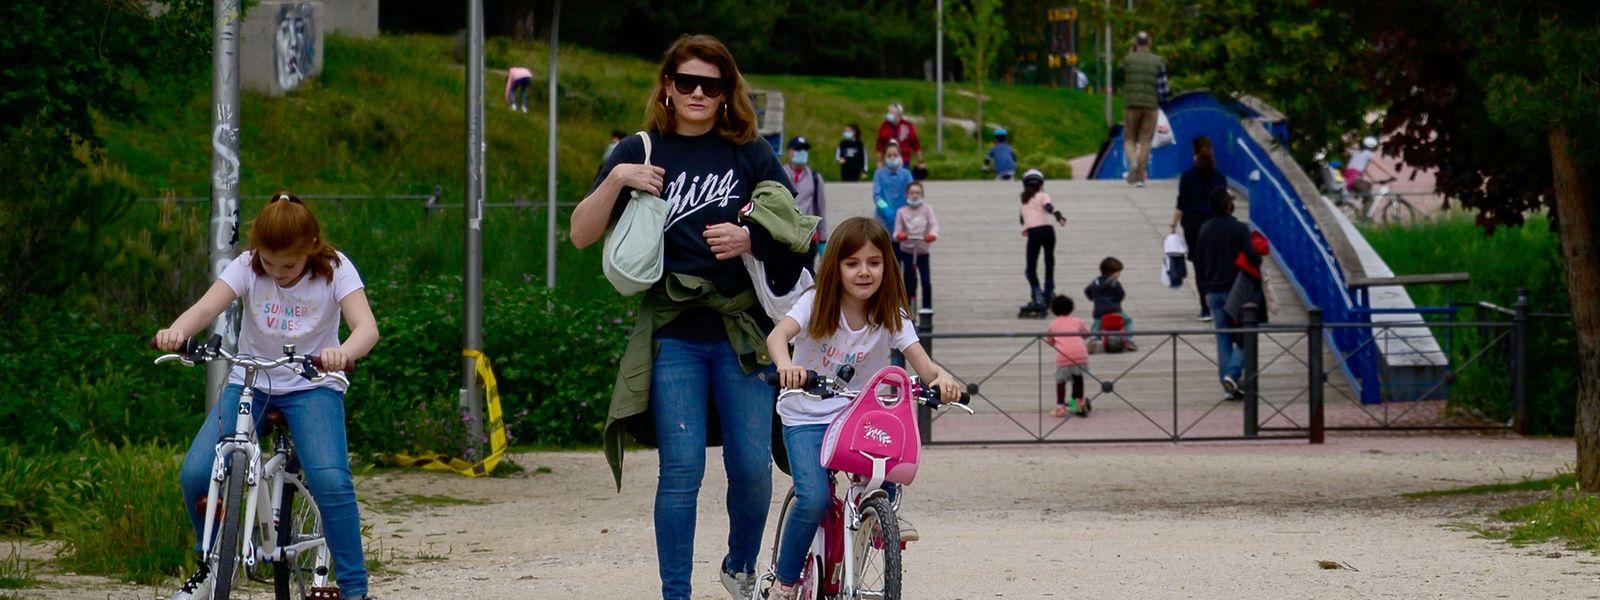 En Espagne, les enfants ont enfin été autorisés dimanche à jouer dans les rues. Une bouffée d'oxygène.